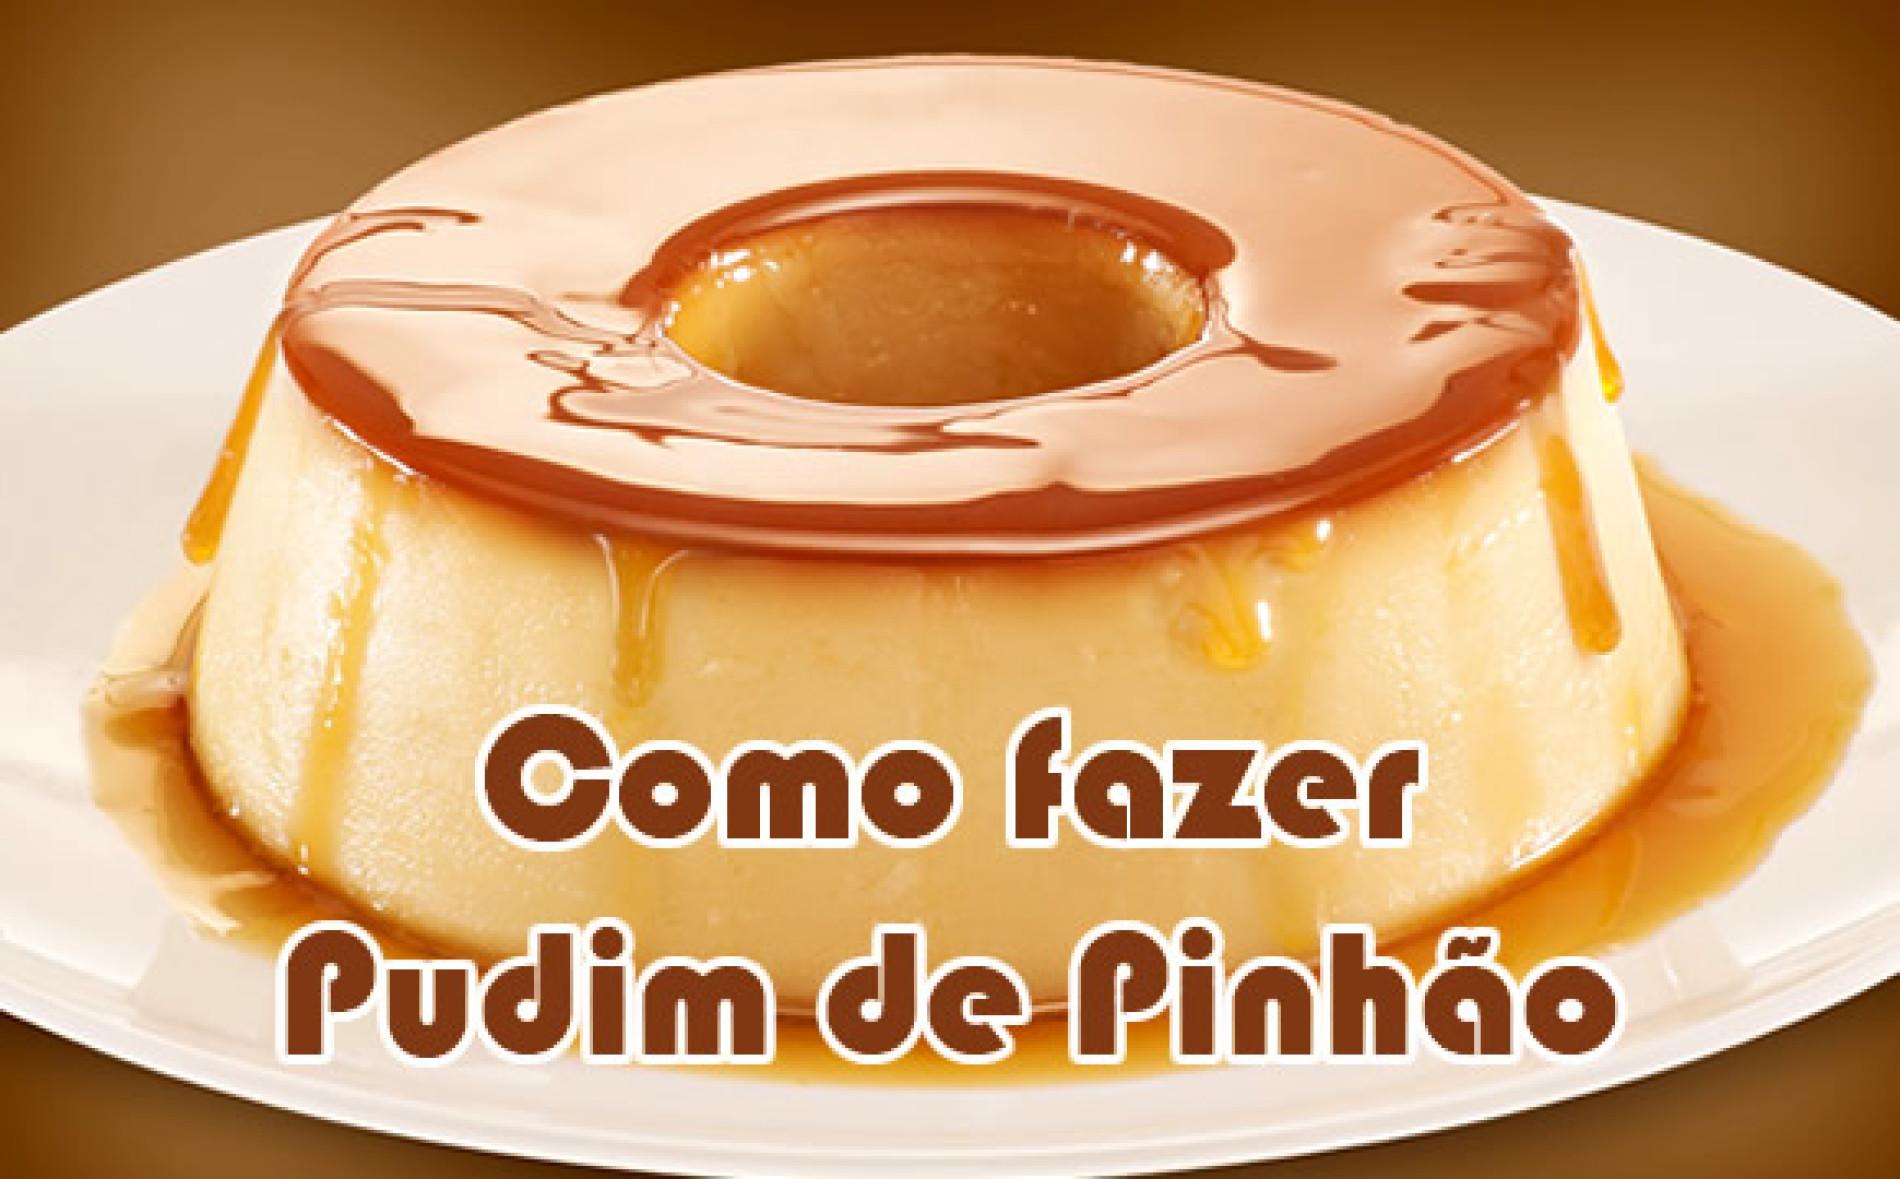 Como fazer Pudim de Pinhão – Ingrediente típico do Paraná